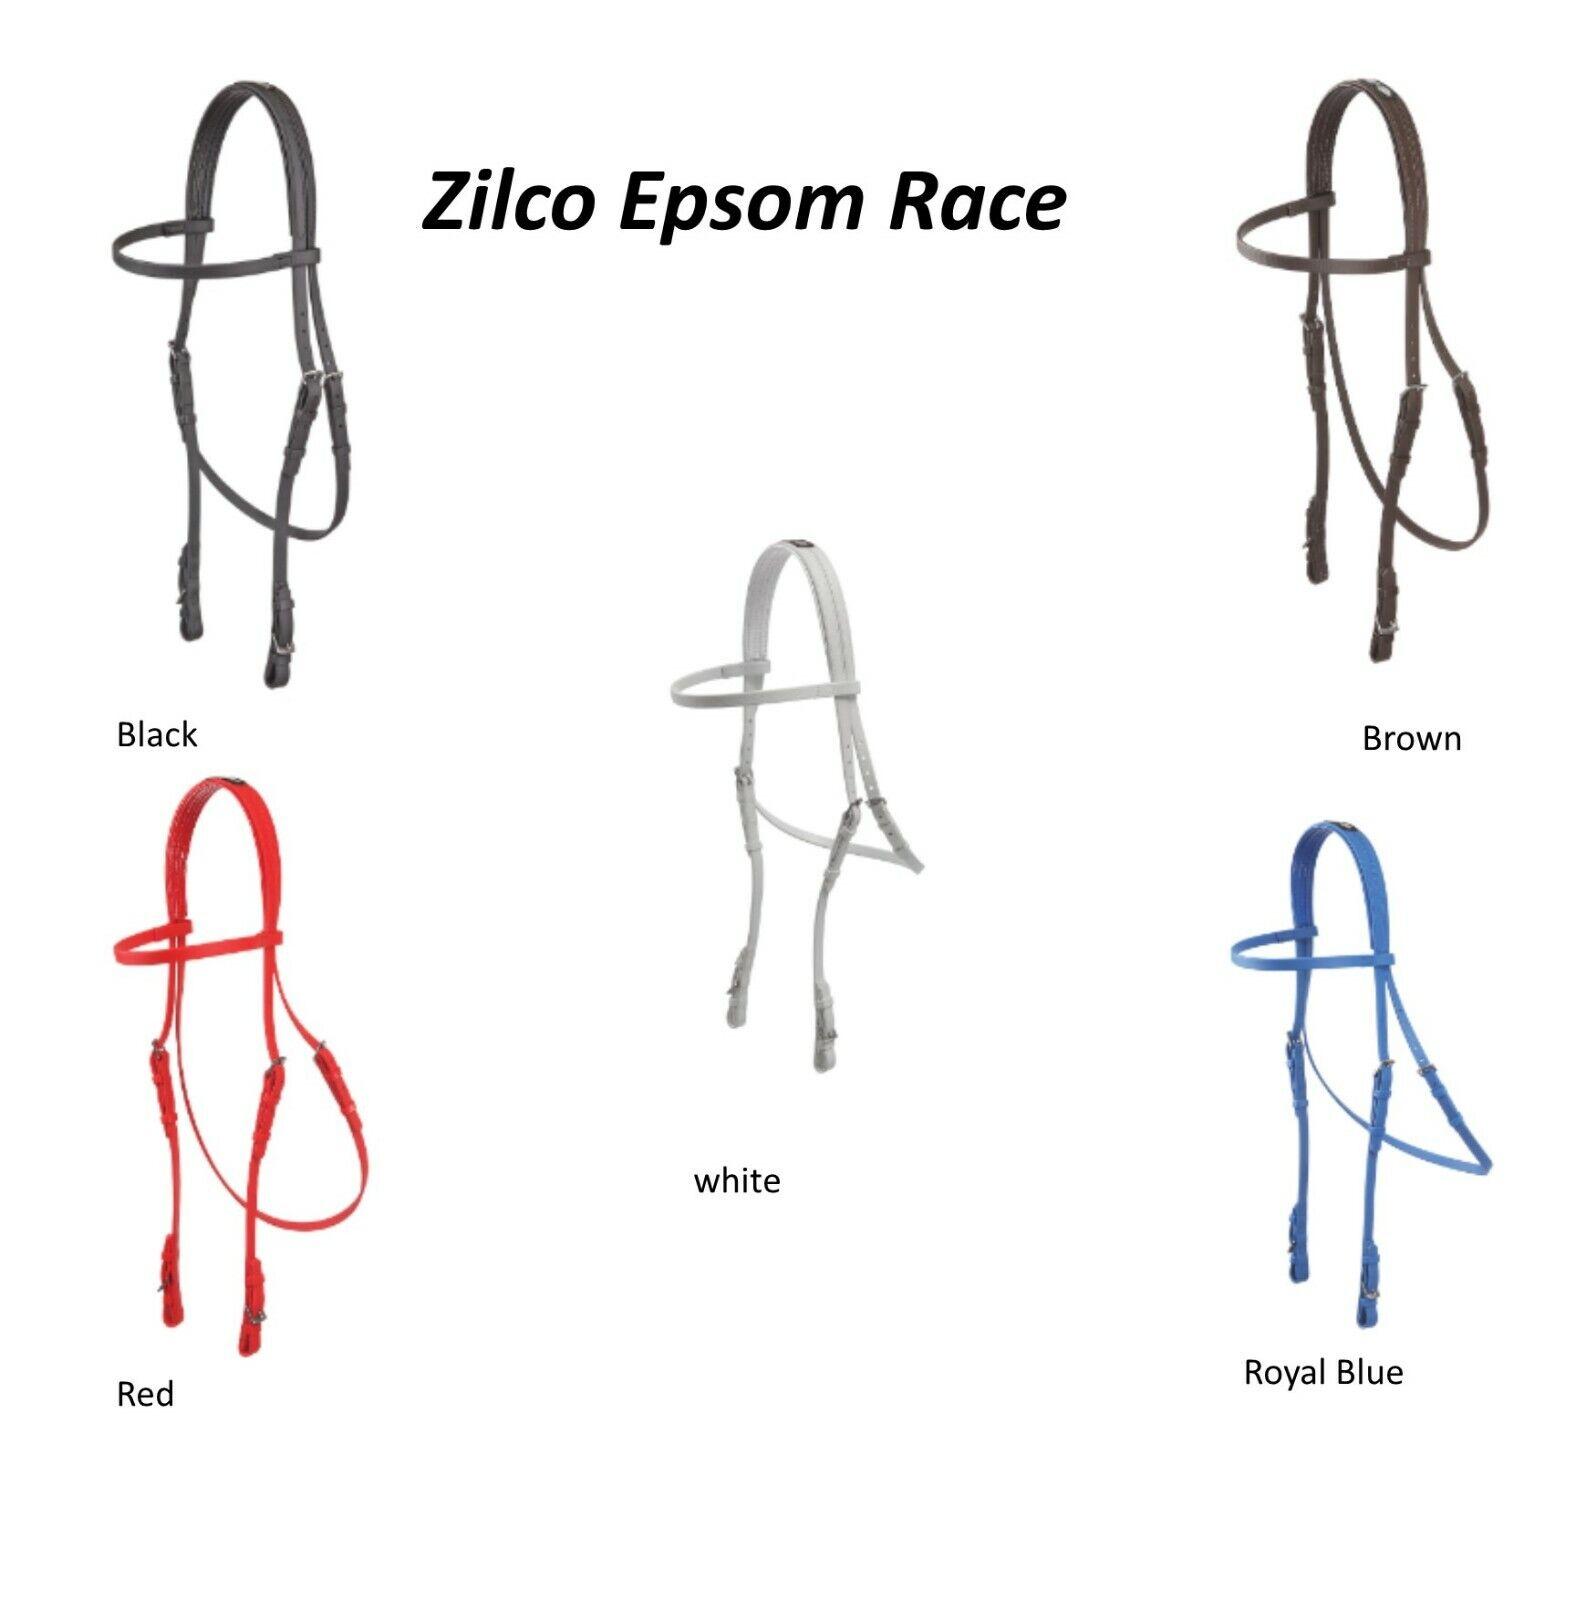 Briglia Epsom in Nero, Marronee, Rosso, Bianco, Blu Royal